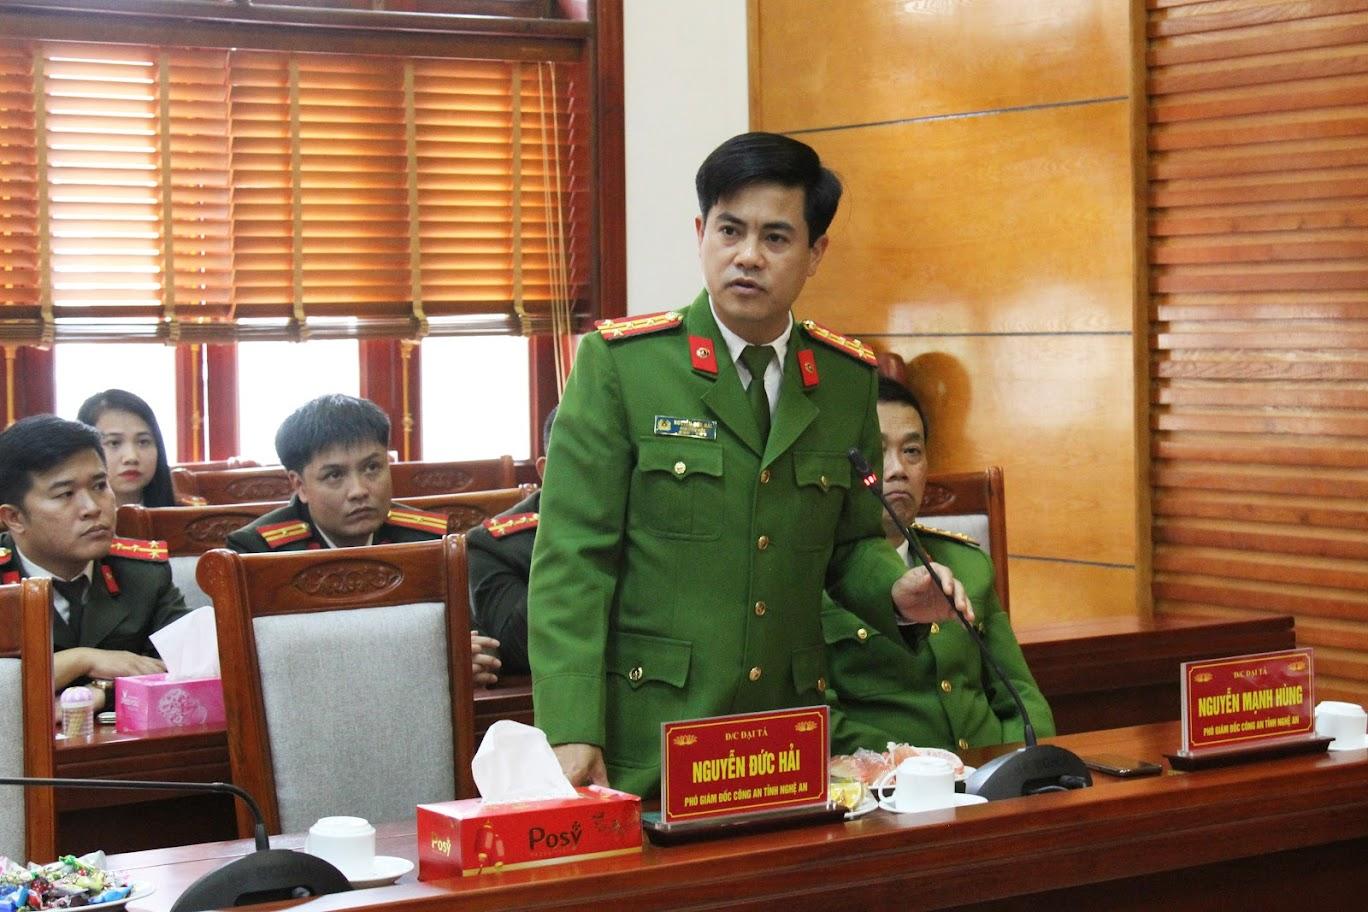 Đồng chí Đại tá Nguyễn Đức Hải, Phó Giám đốc Công an tỉnh phát biểu tại buổi gặp mặt